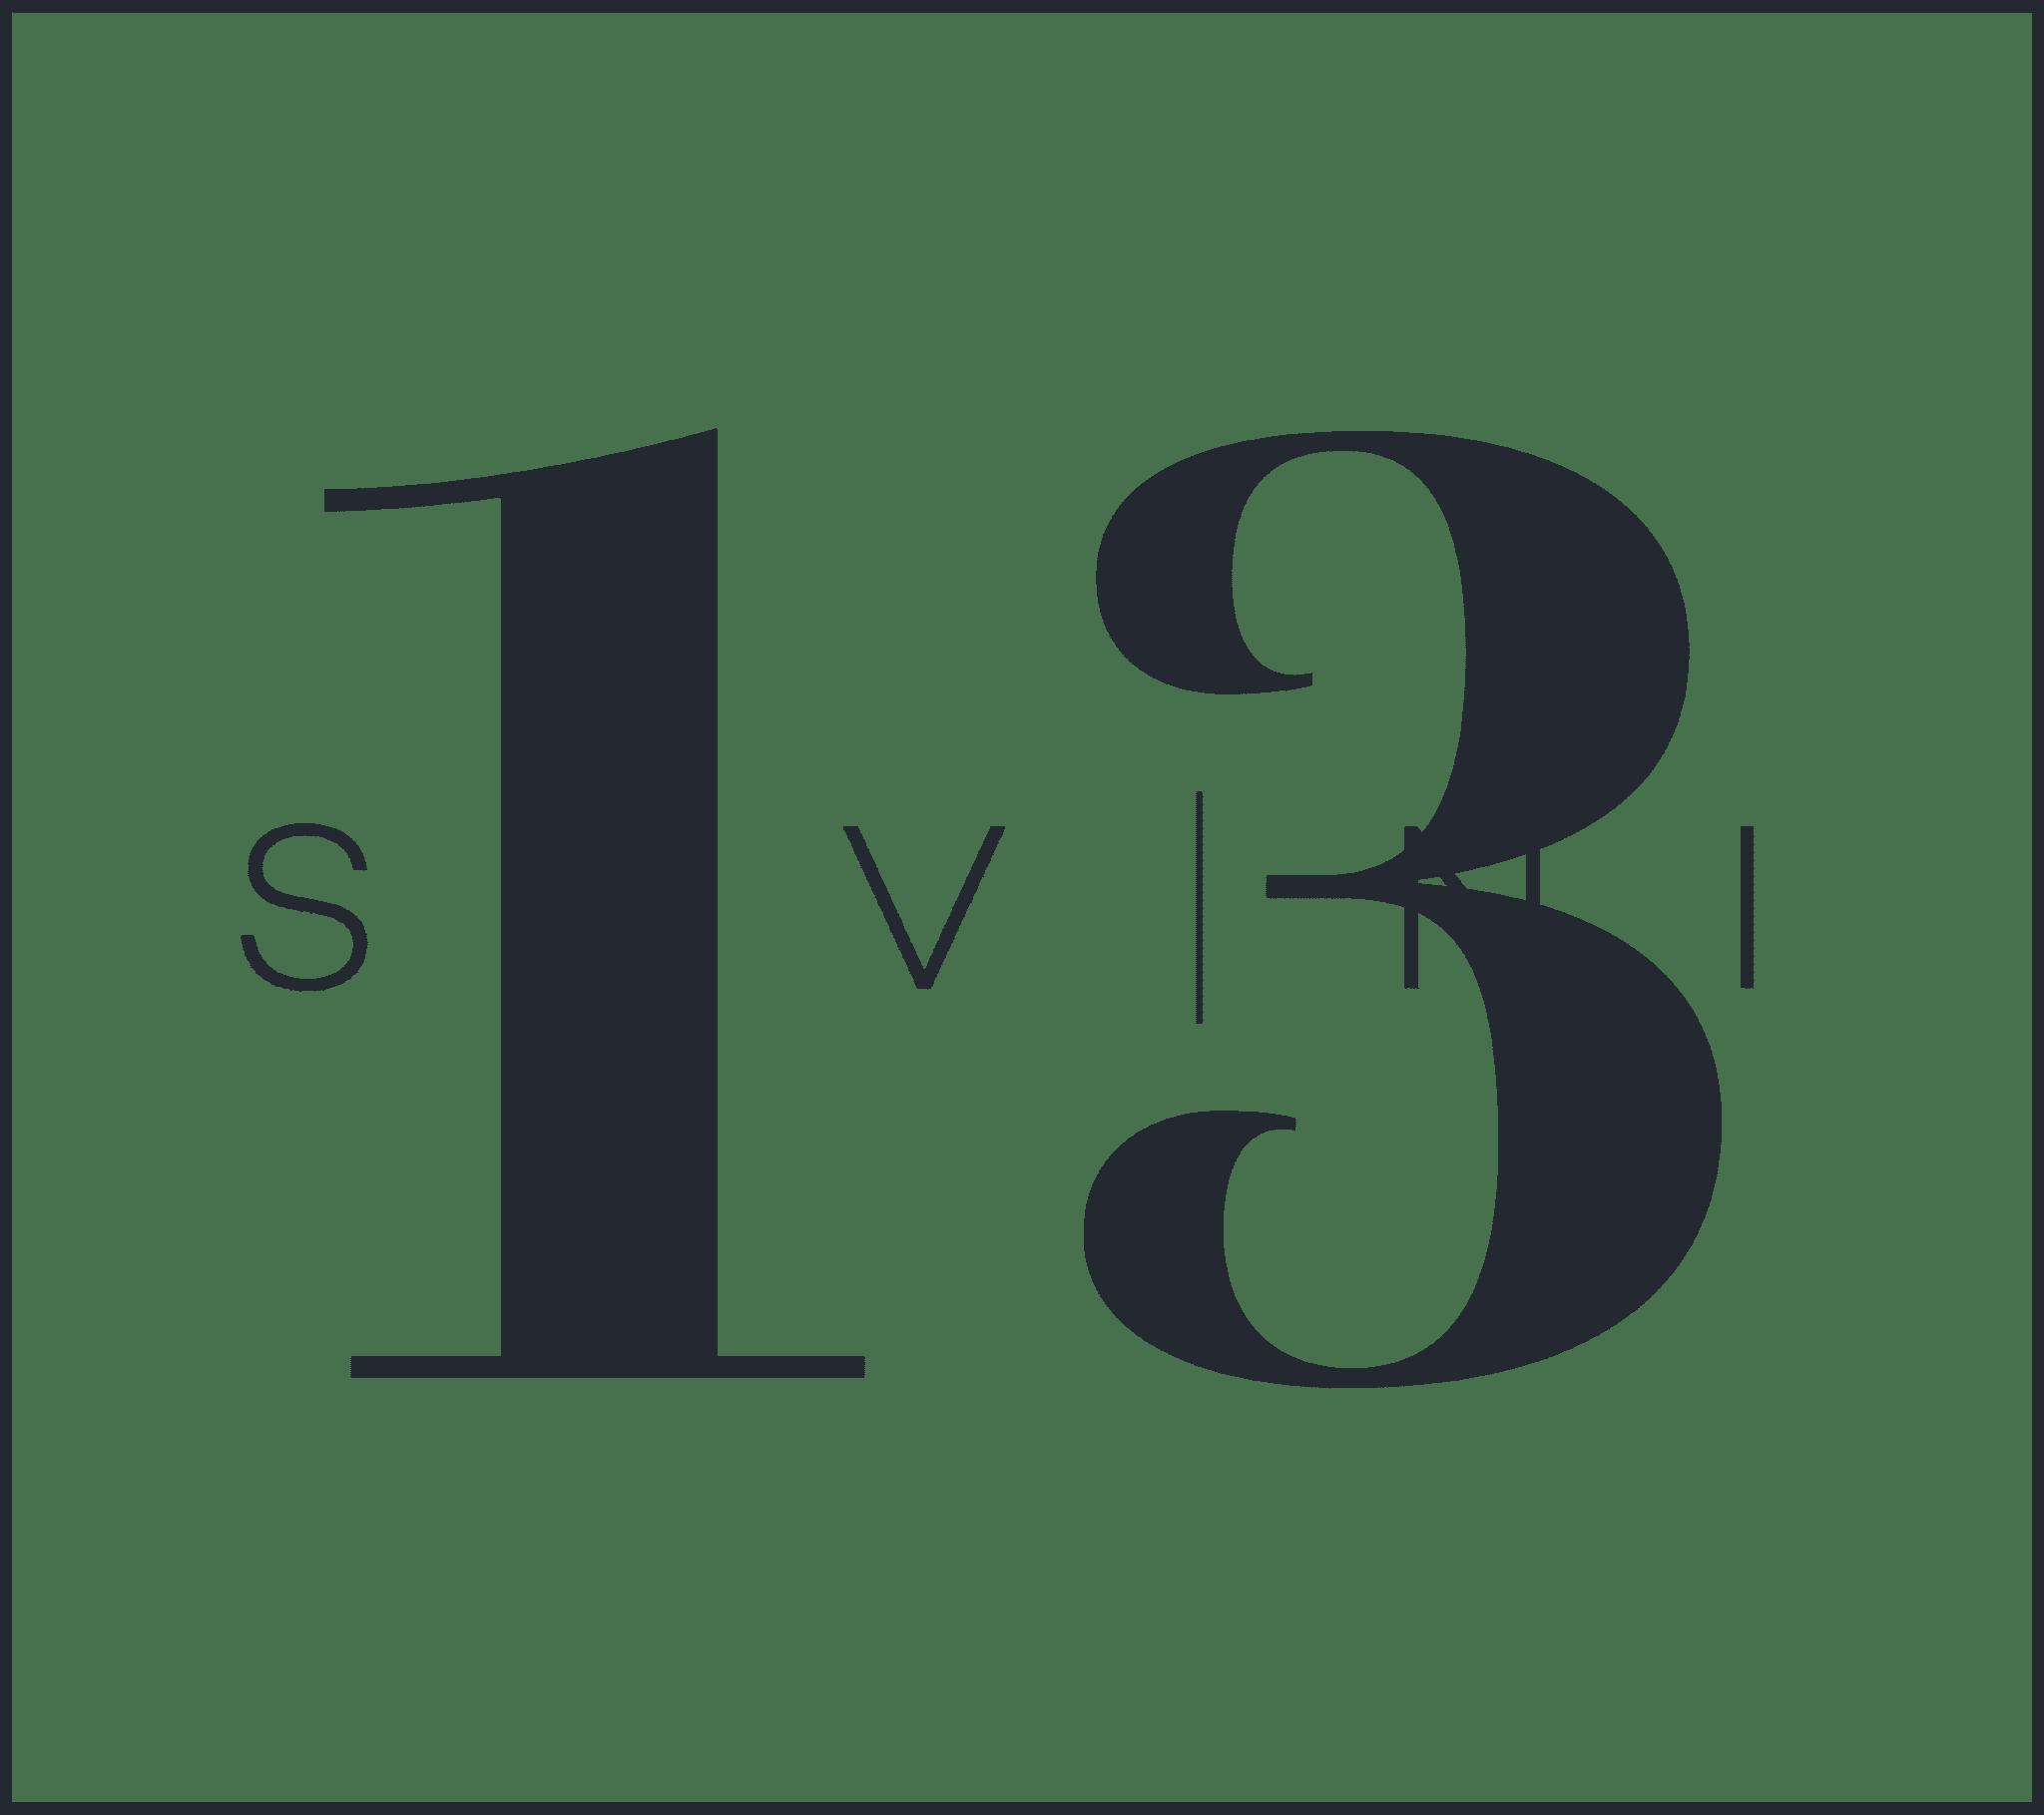 Syvni13 ApS